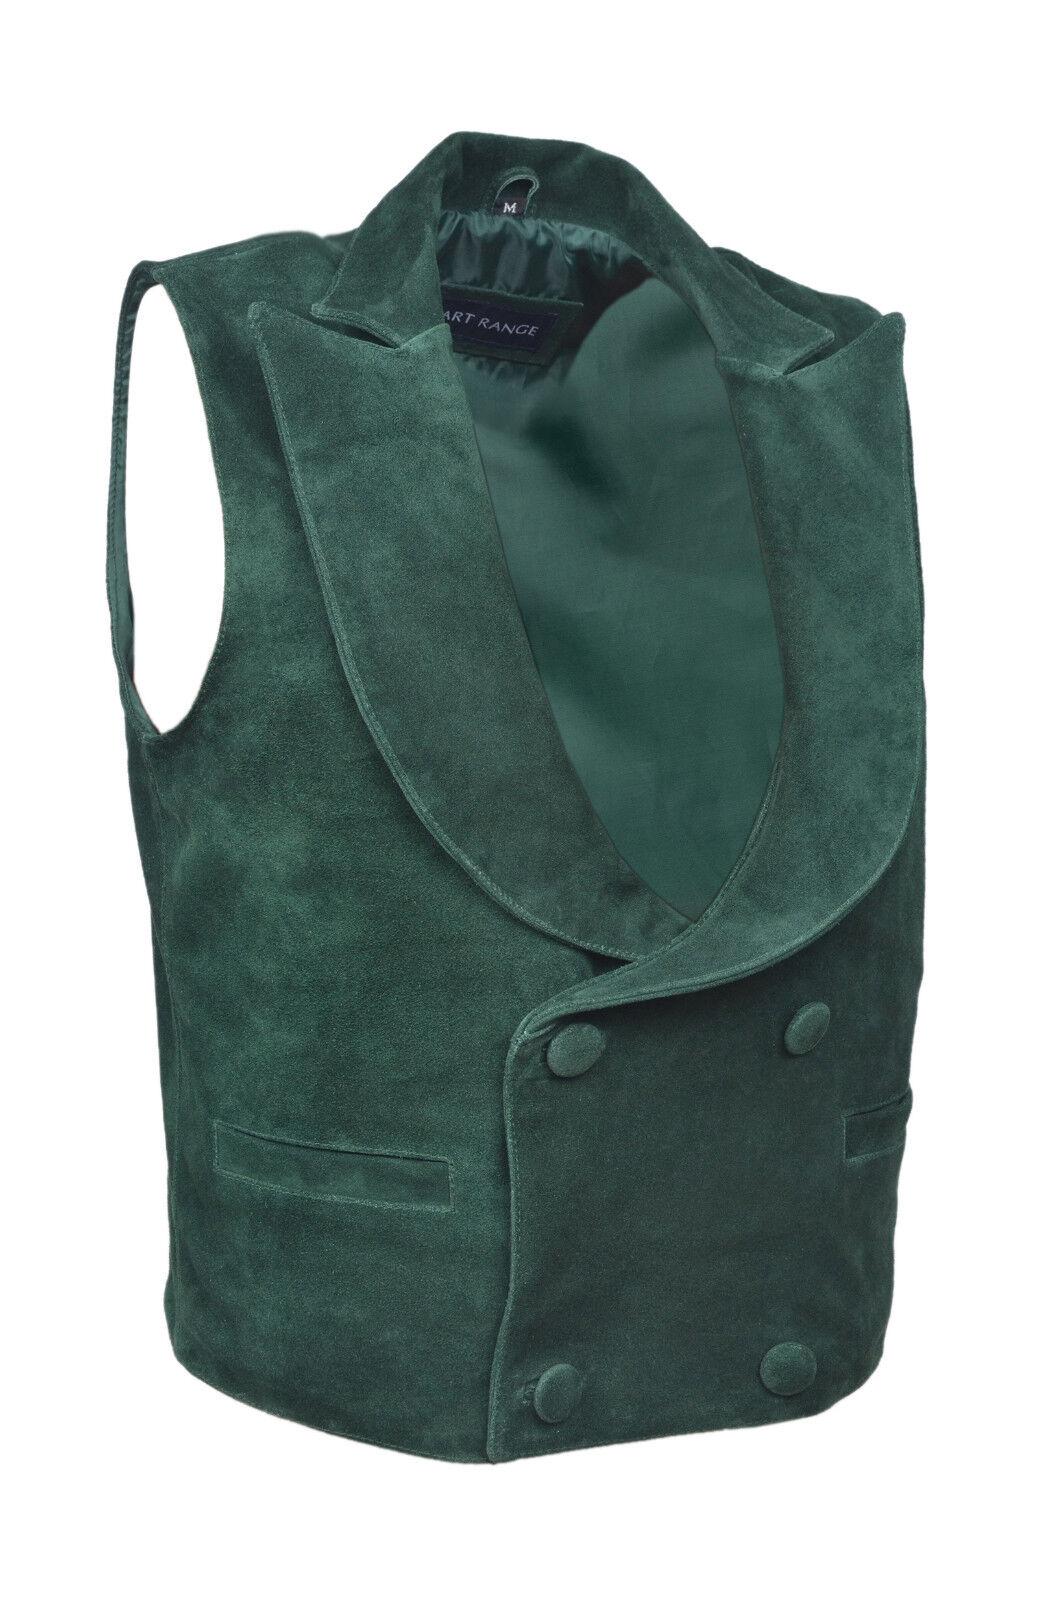 Periodo edoardiano da uomo nuovo stile di moda moda moda party verde vera morbida pelle scamosciata Gilet in Pelle fc1594